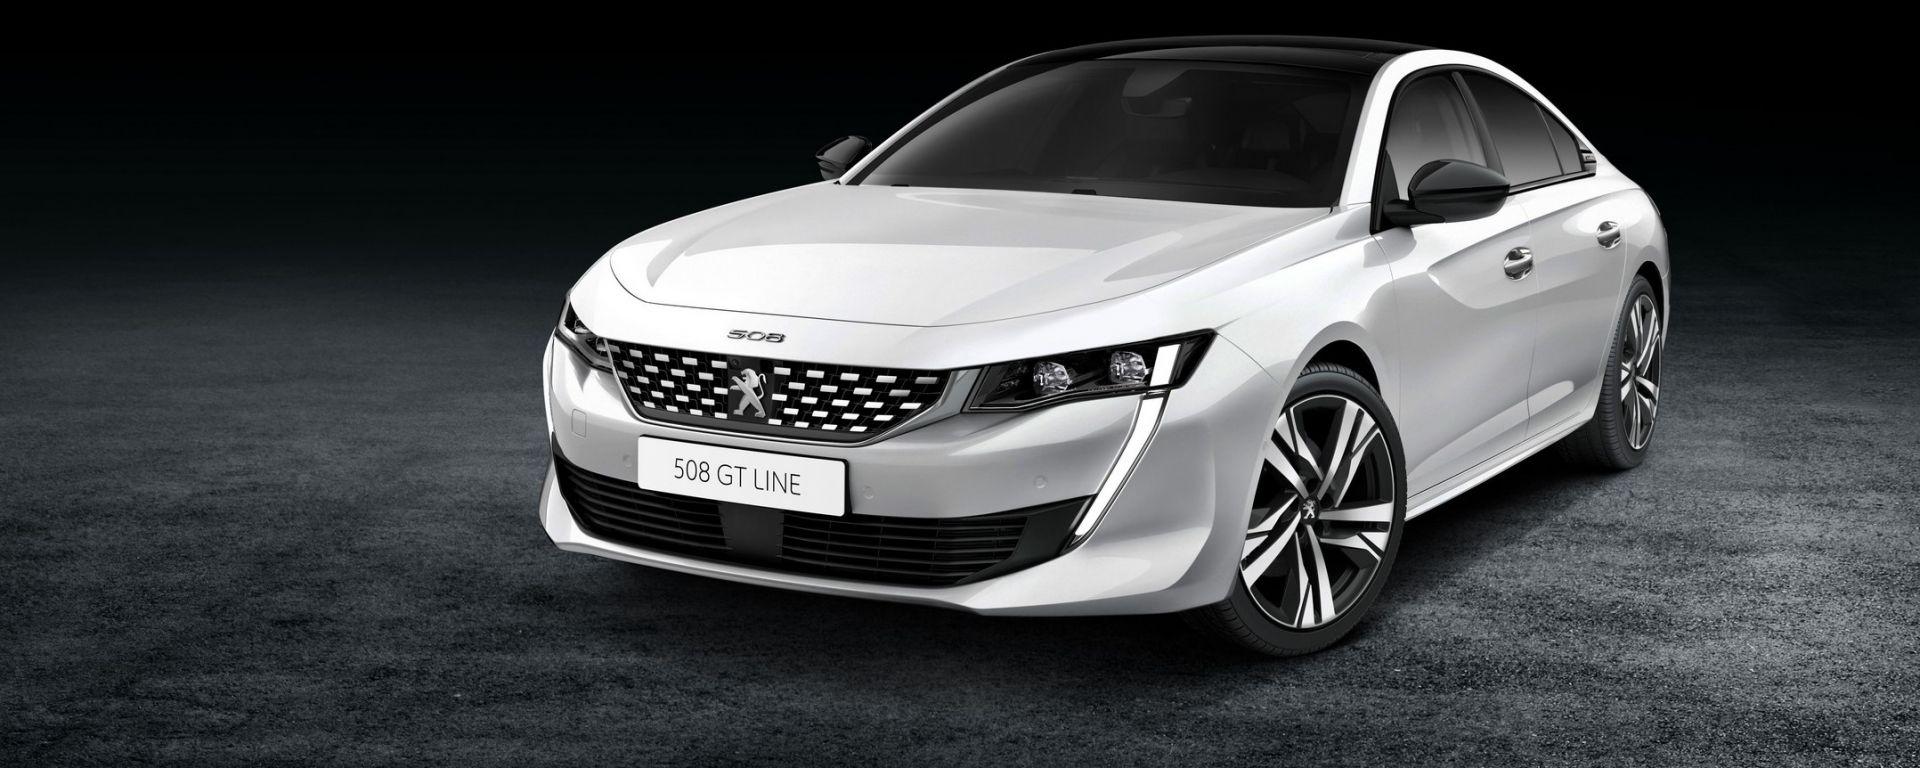 Ecco la nuova Peugeot 508